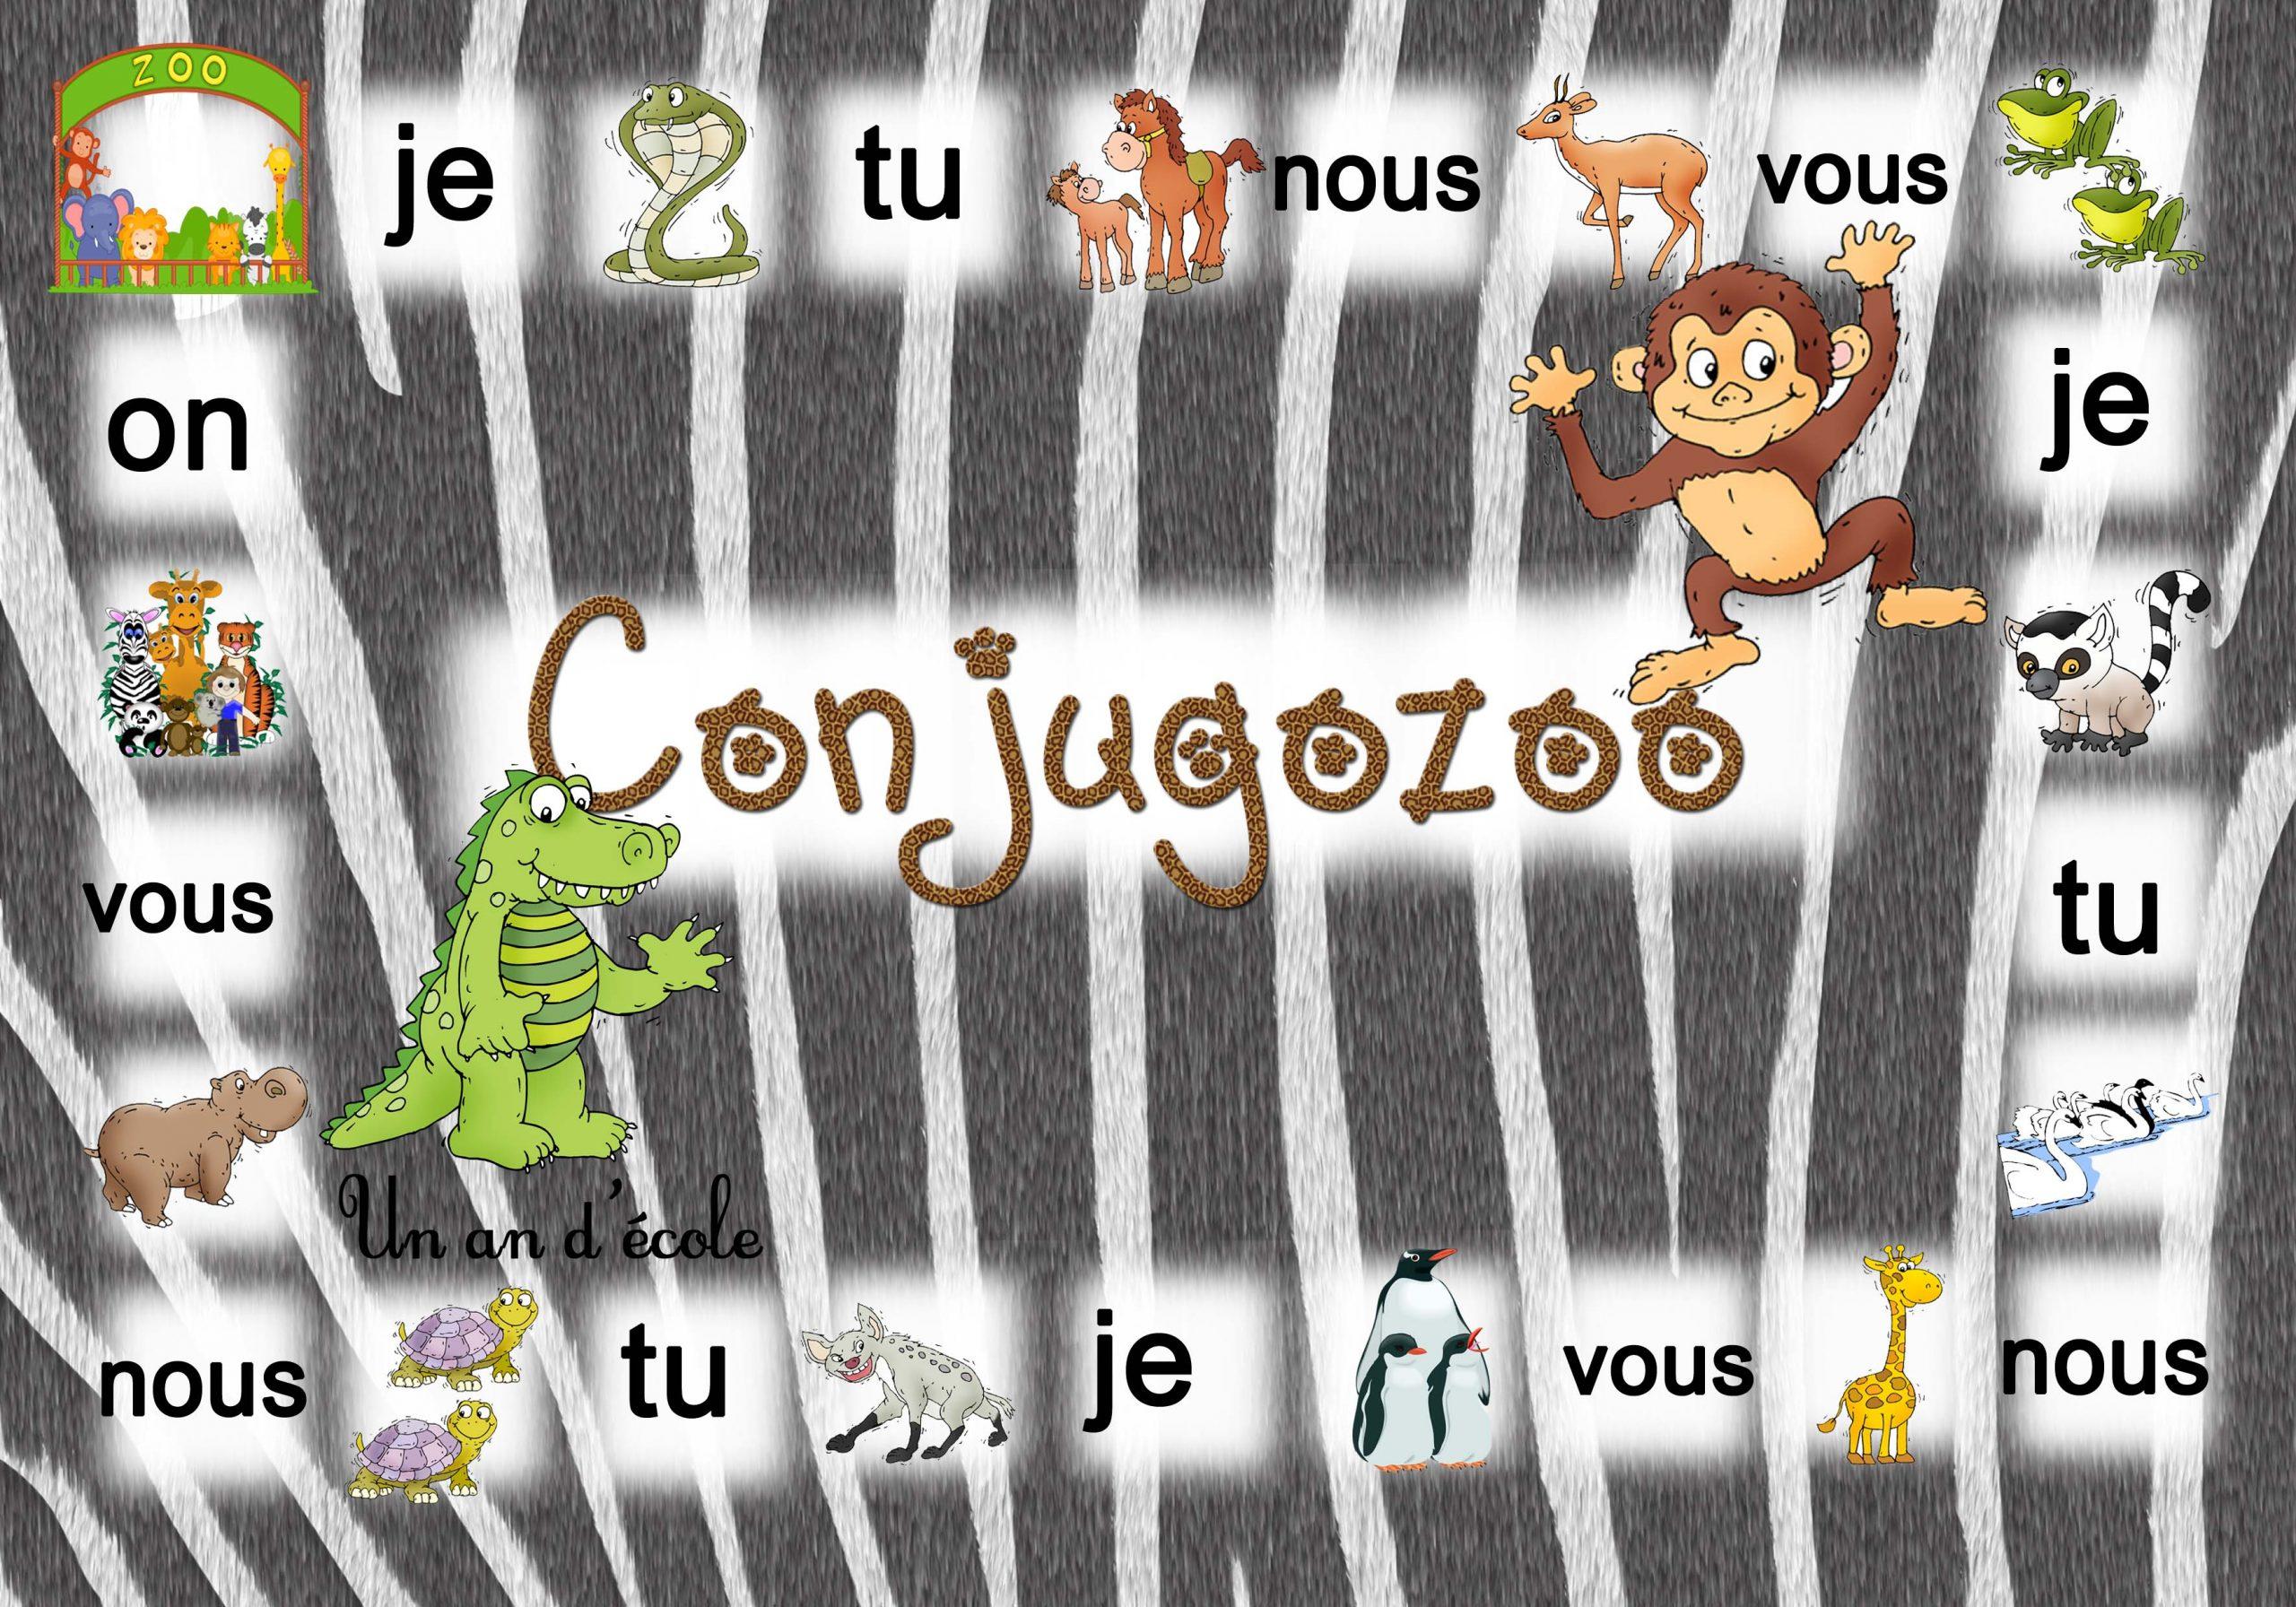 Conjugozoo : Jeu Pour Conjuguer Du Ce1 Au Cm2 En Passant Par avec Verbe Jeux